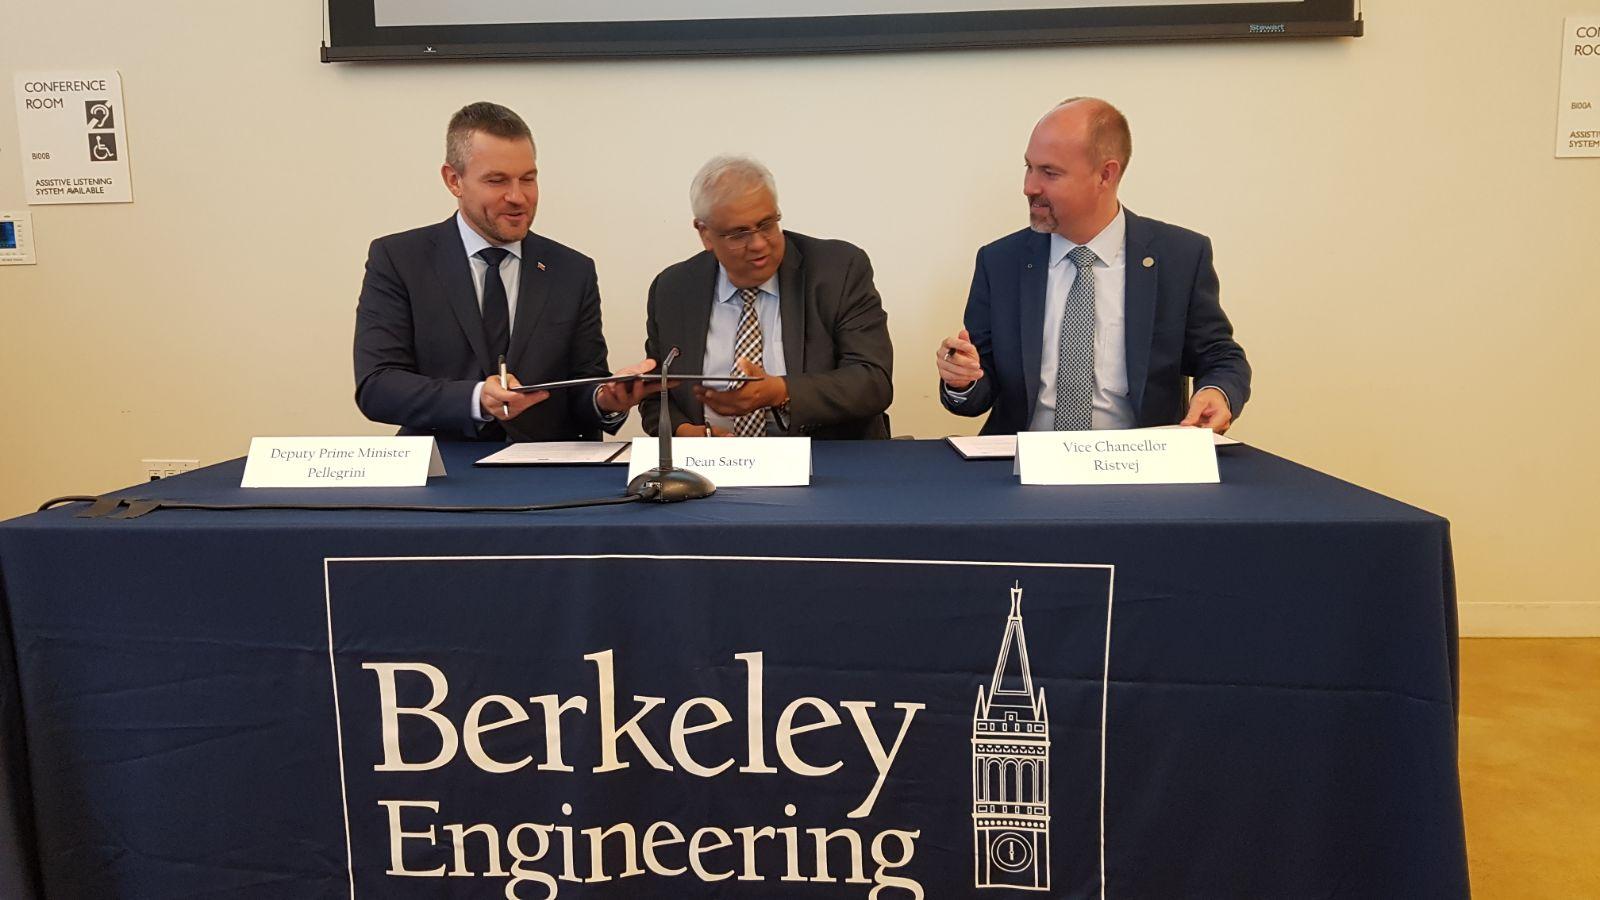 P. Pellegrini: Najlepší doktorandi zo SR pôjdu študovať do Berkeley